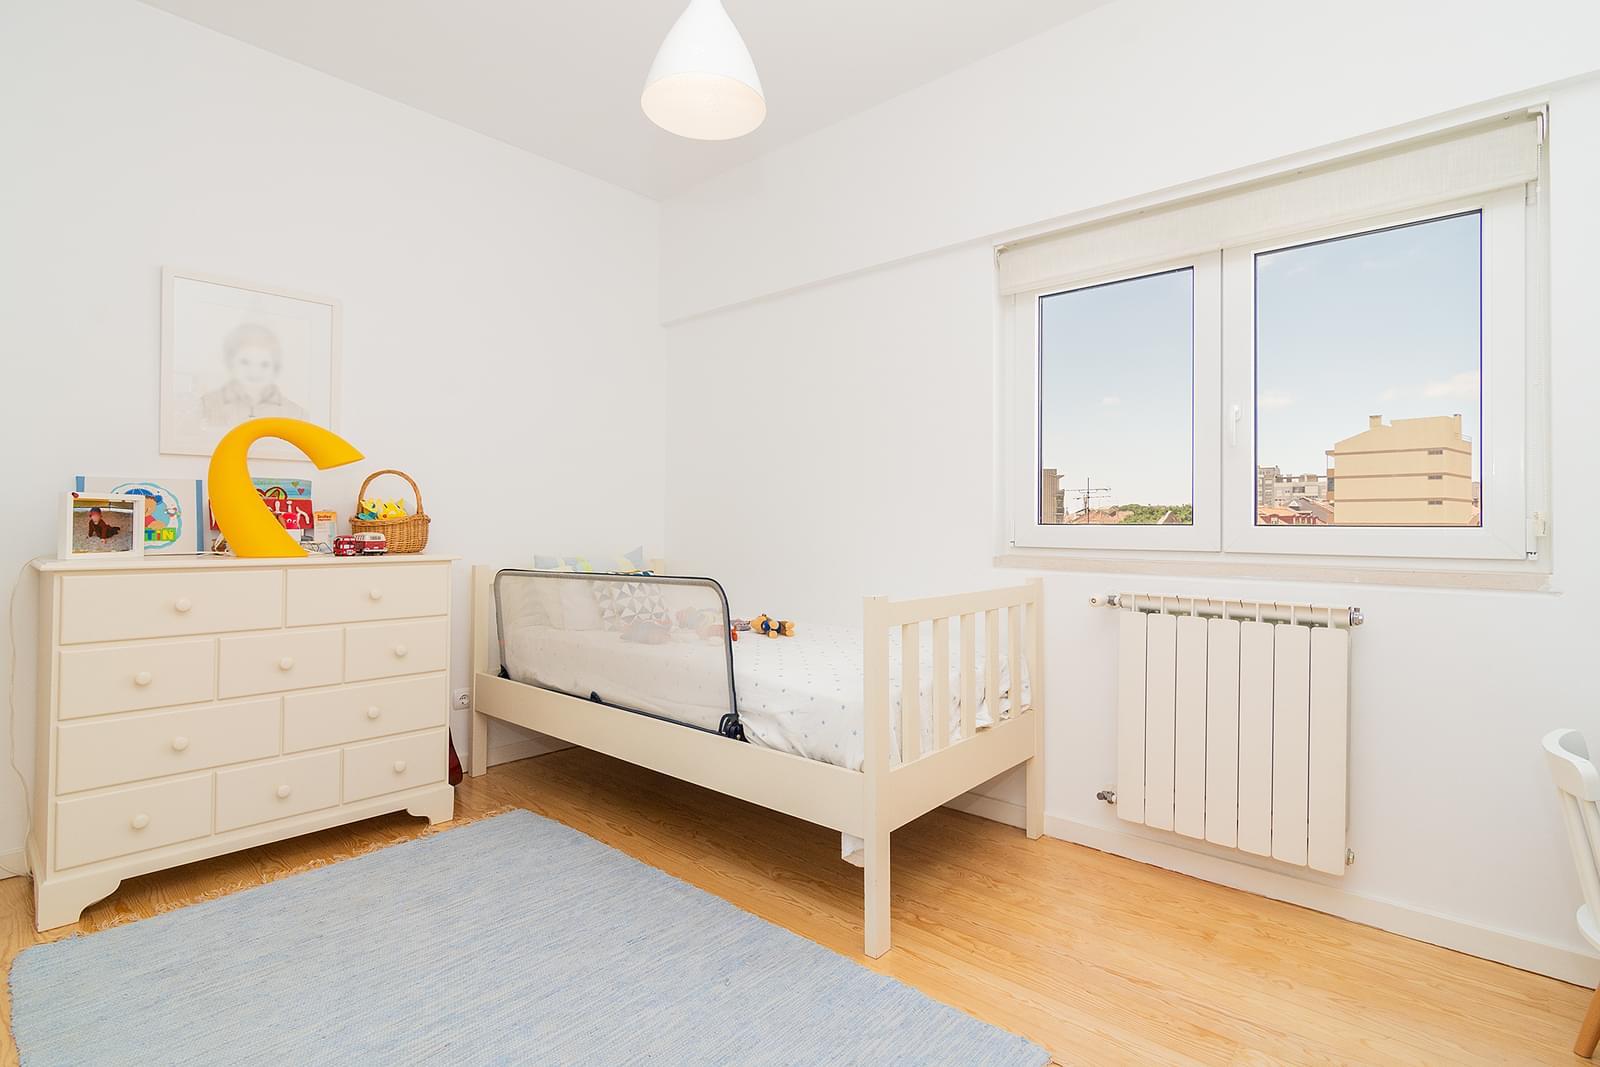 pf14147-apartamento-t3-lisboa-d2b19a61-ebb8-47aa-b67a-28040046a3d2